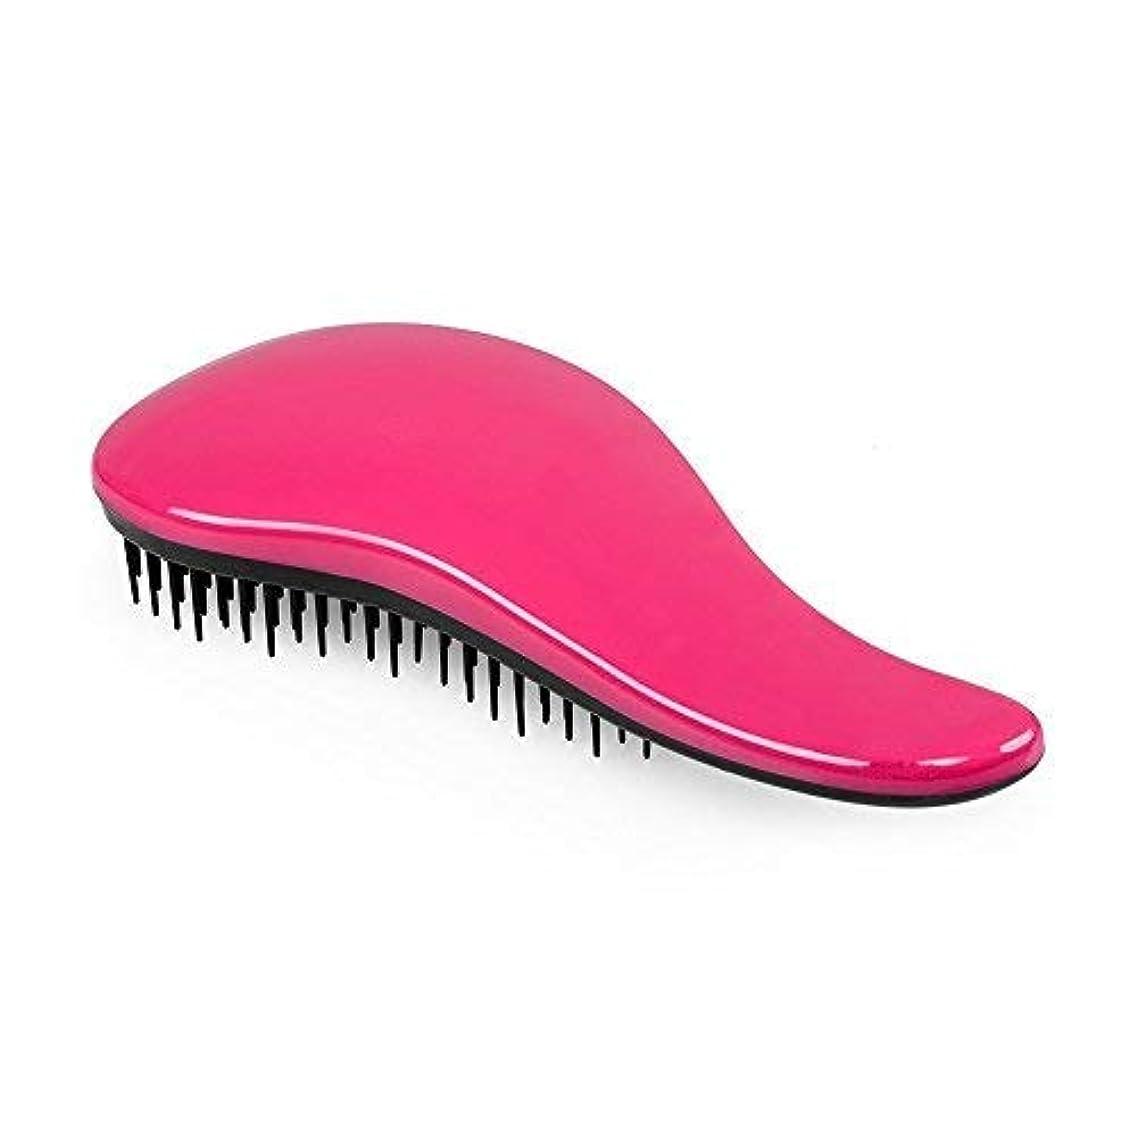 ShenTengDa Detangling Brush Glide The Best Detangler Wet Shower Comb for Women/Men/Kids/Girls/Boys, Use for Wet...